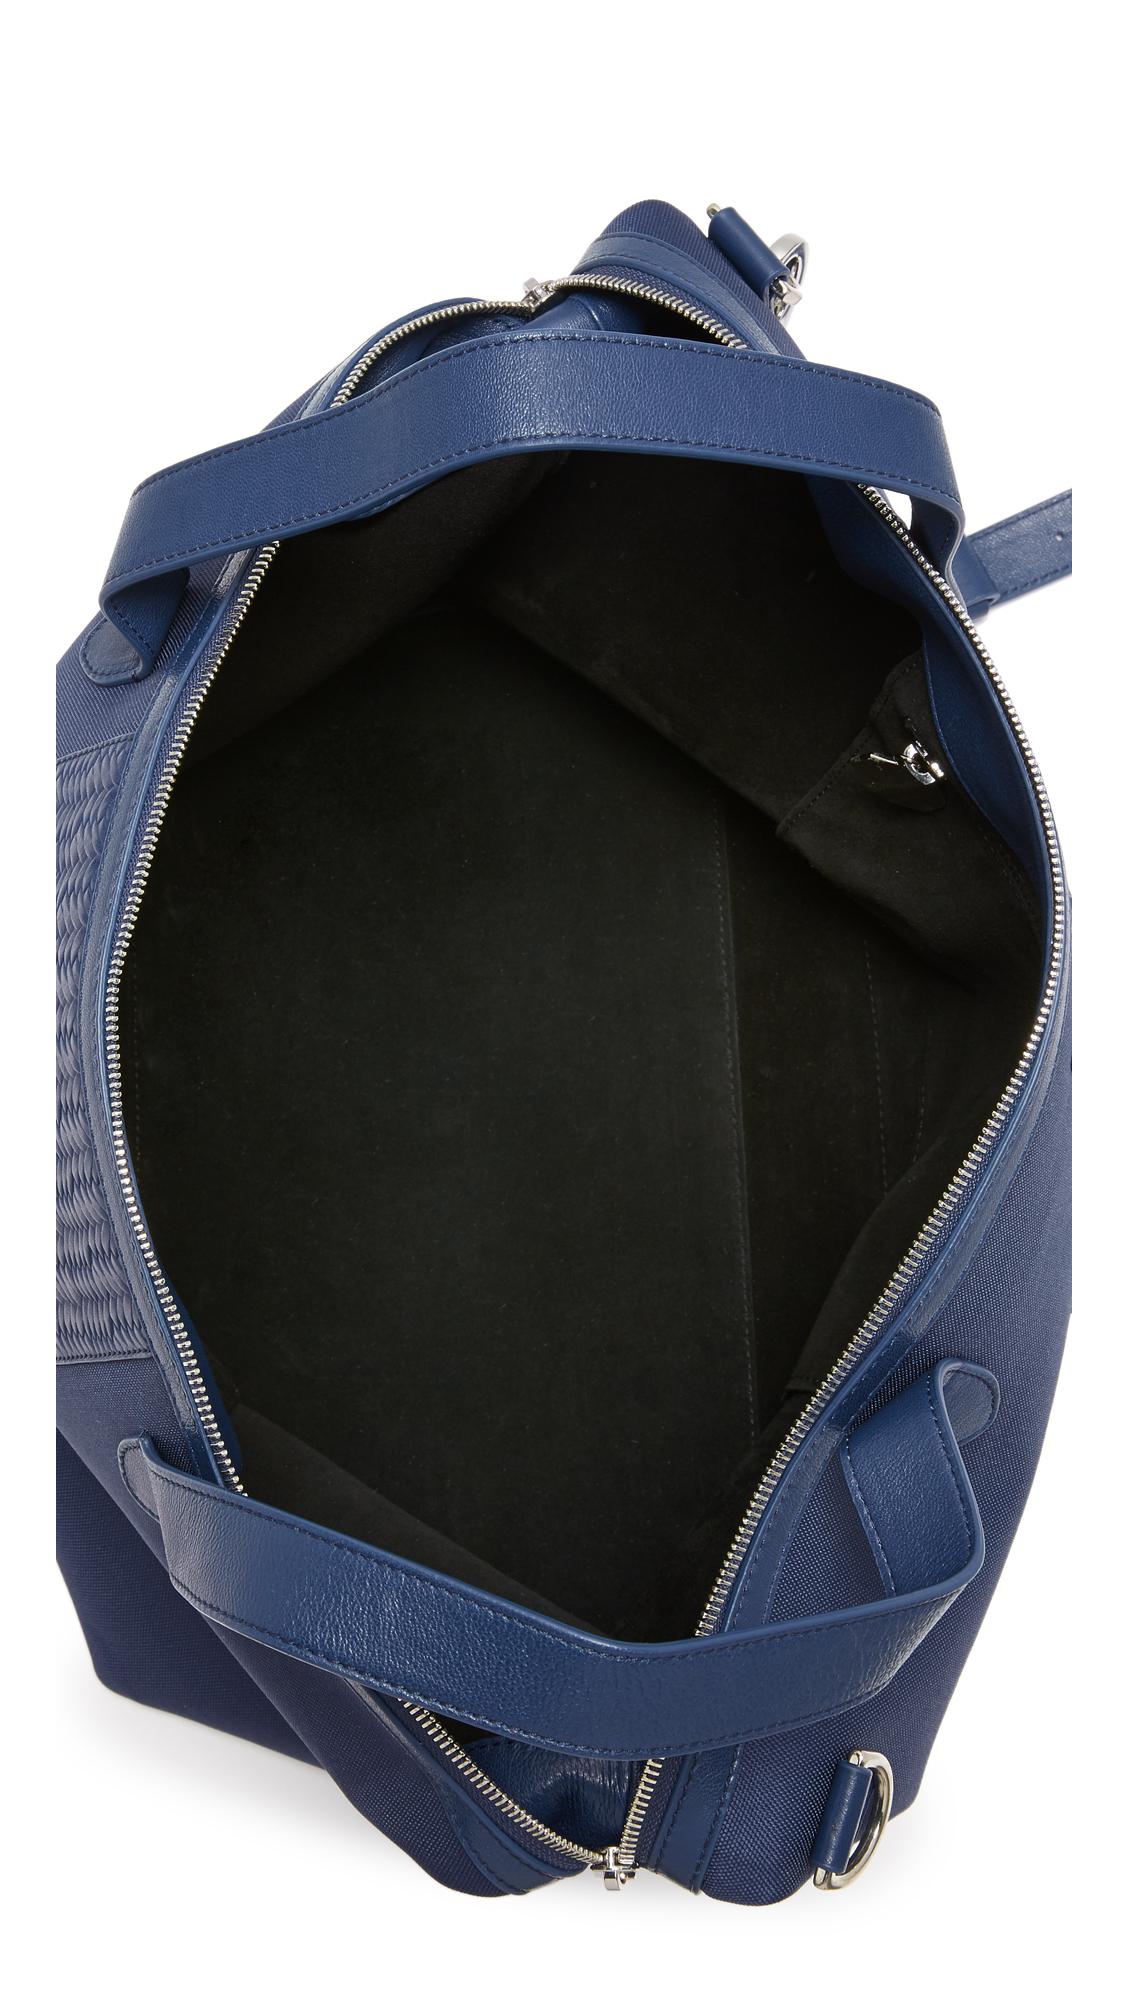 lyst meli melo large thela weekender bag in blue. Black Bedroom Furniture Sets. Home Design Ideas